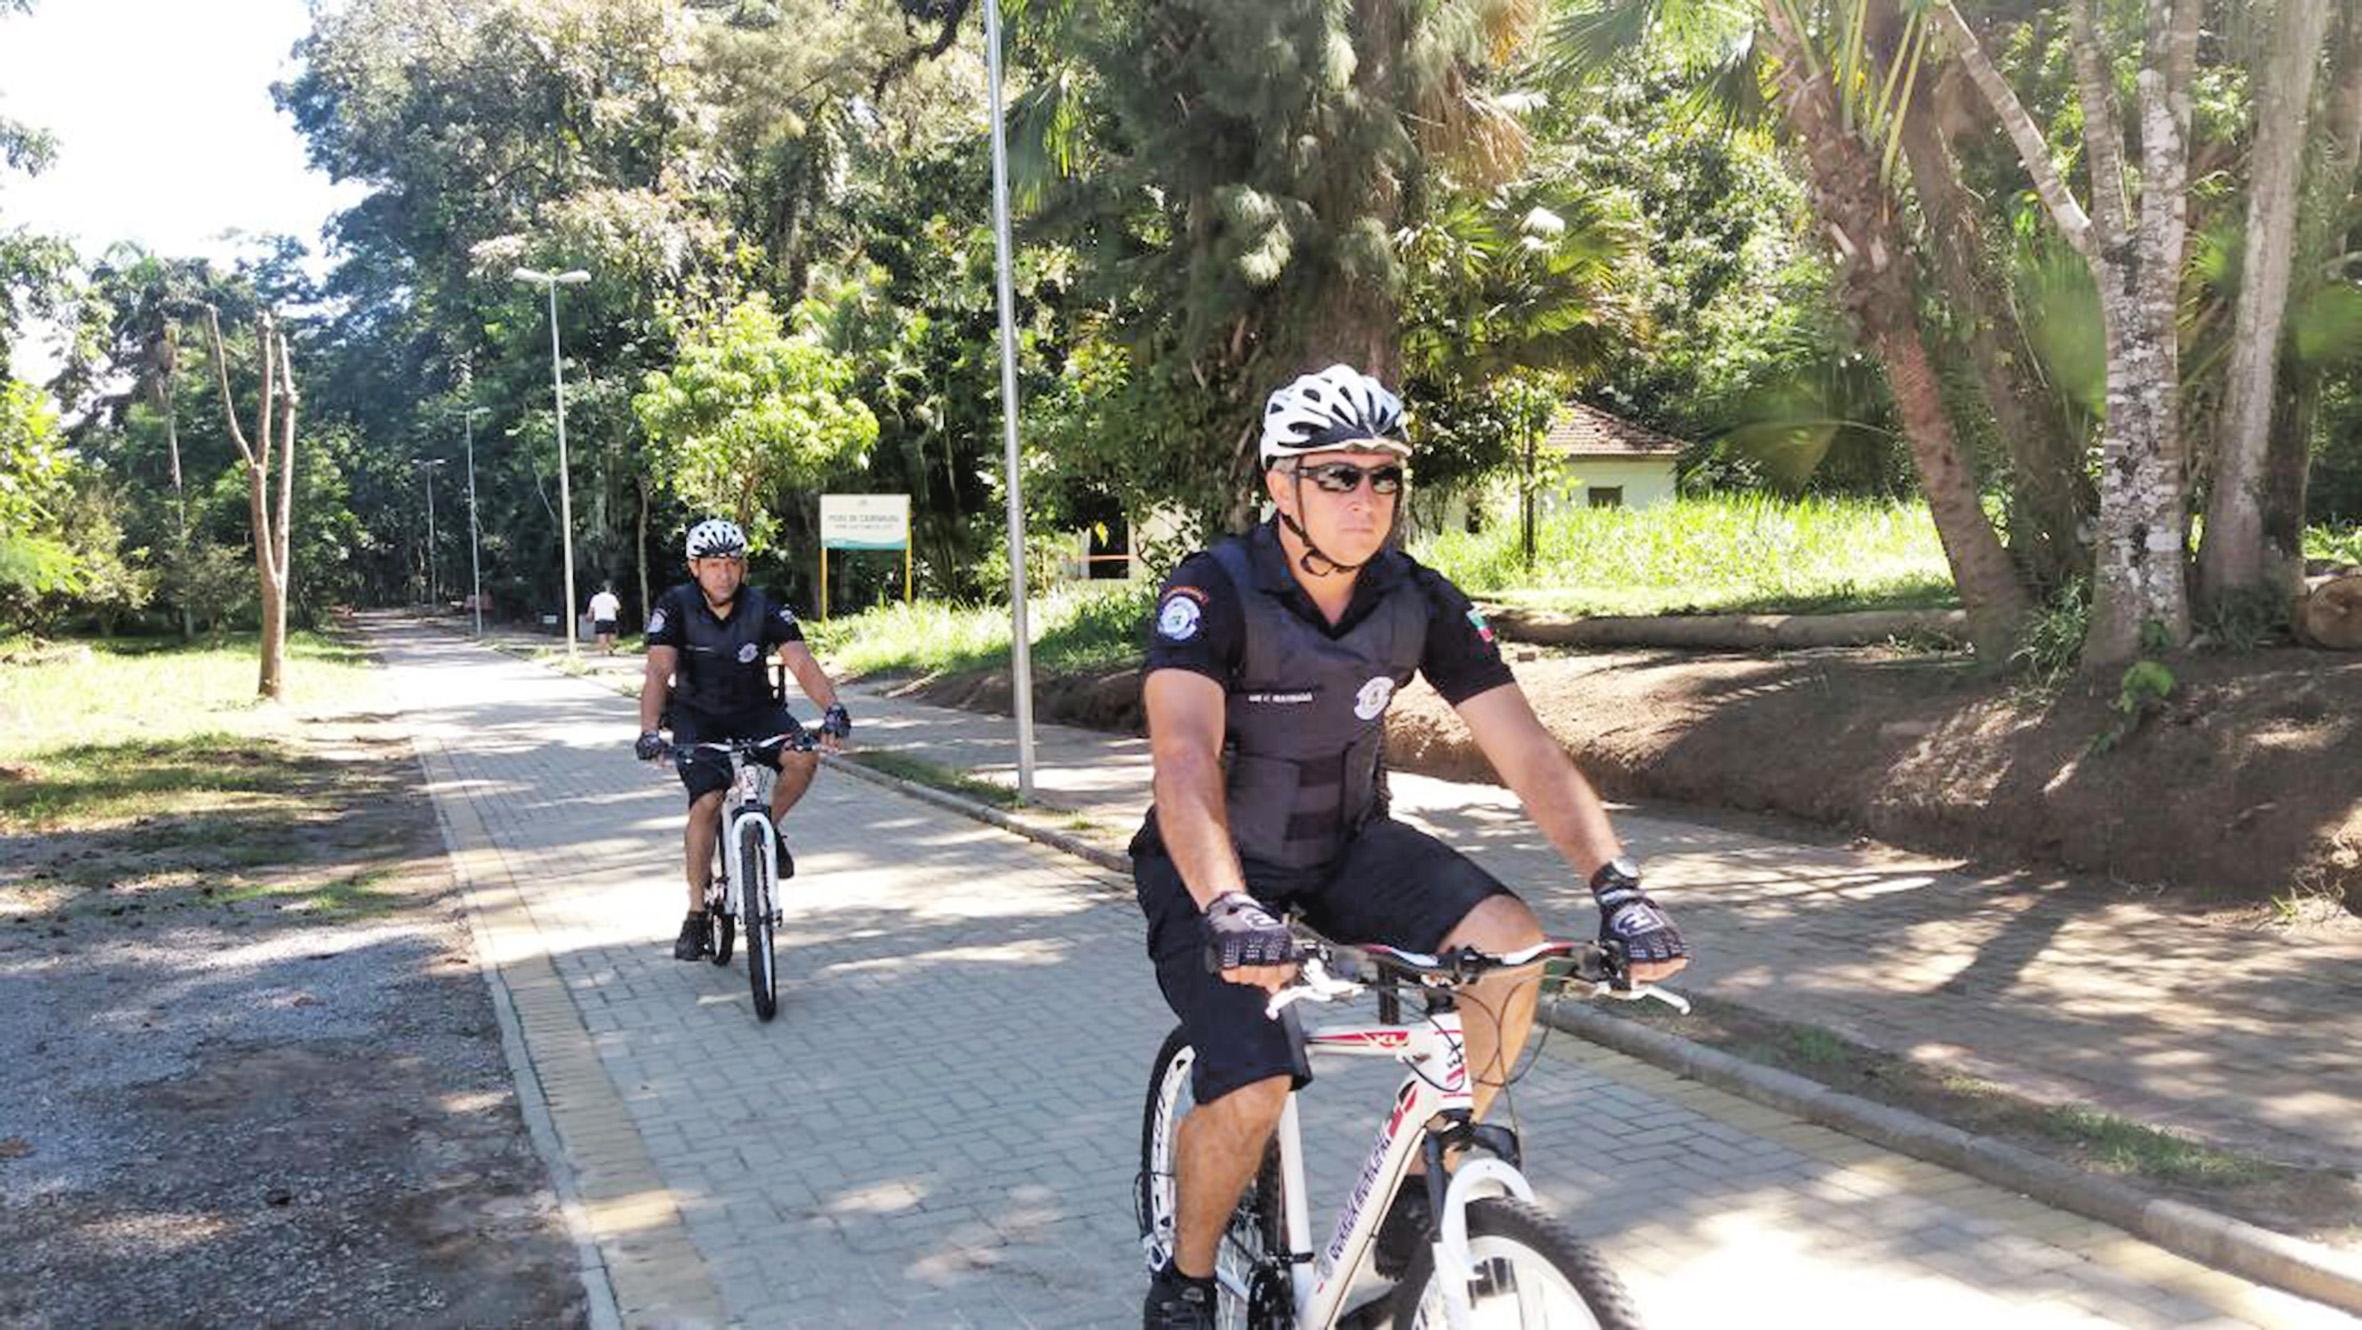 Policiais militares fazem ronda com bicicletas em Pindamonhangaba; parceria amplia sistema de prevenção à criminalidade no município (Foto: Divulgação)